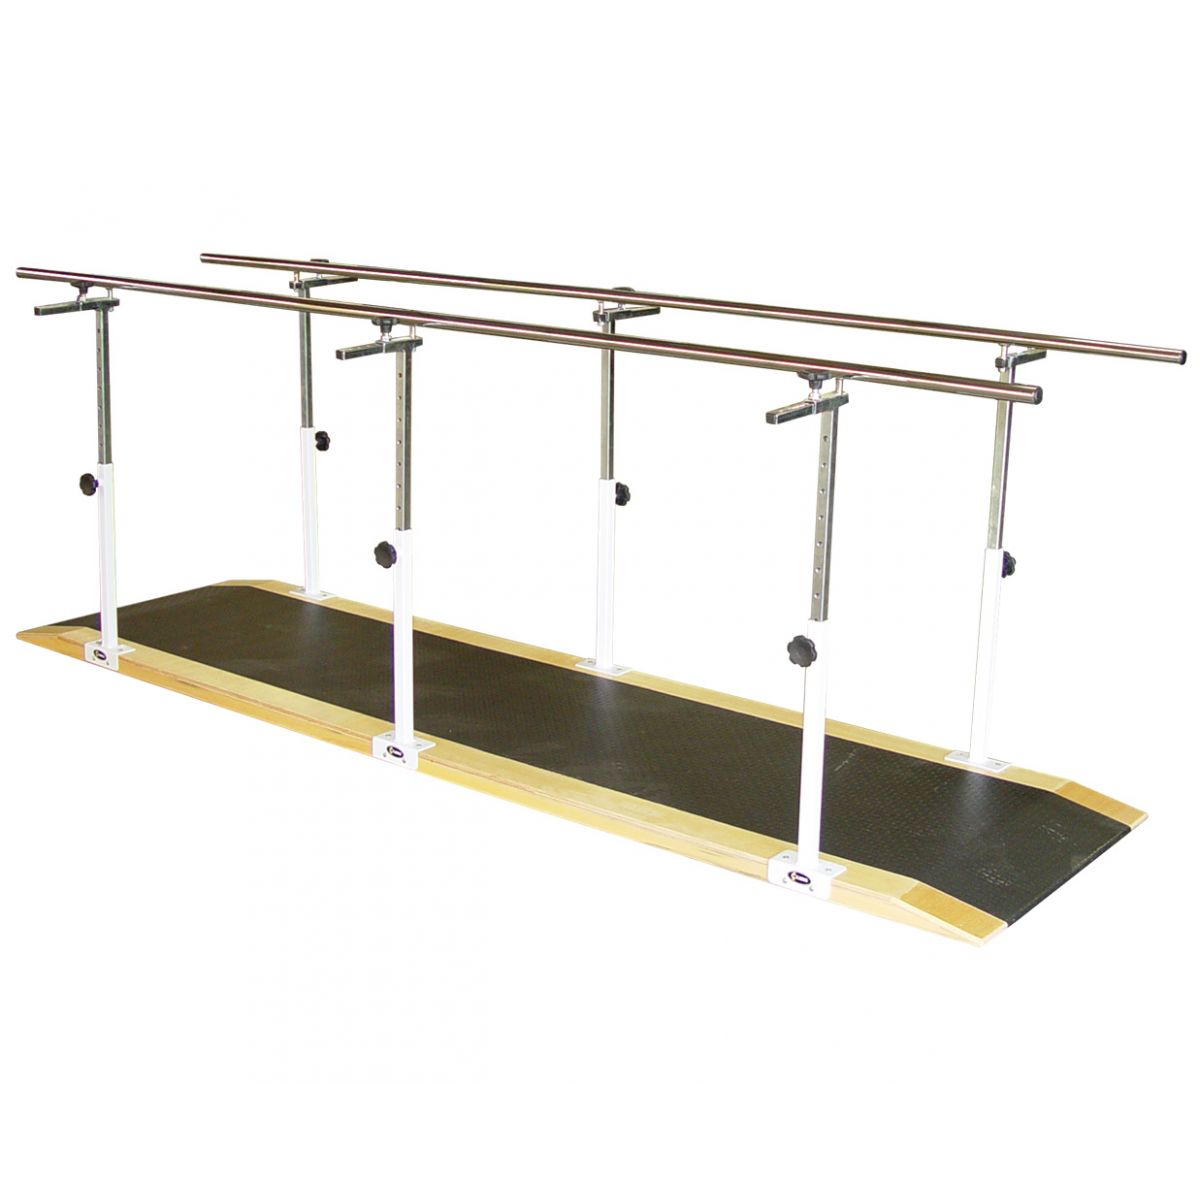 Barra paralela simples em aço pintado 3 metros - 1070